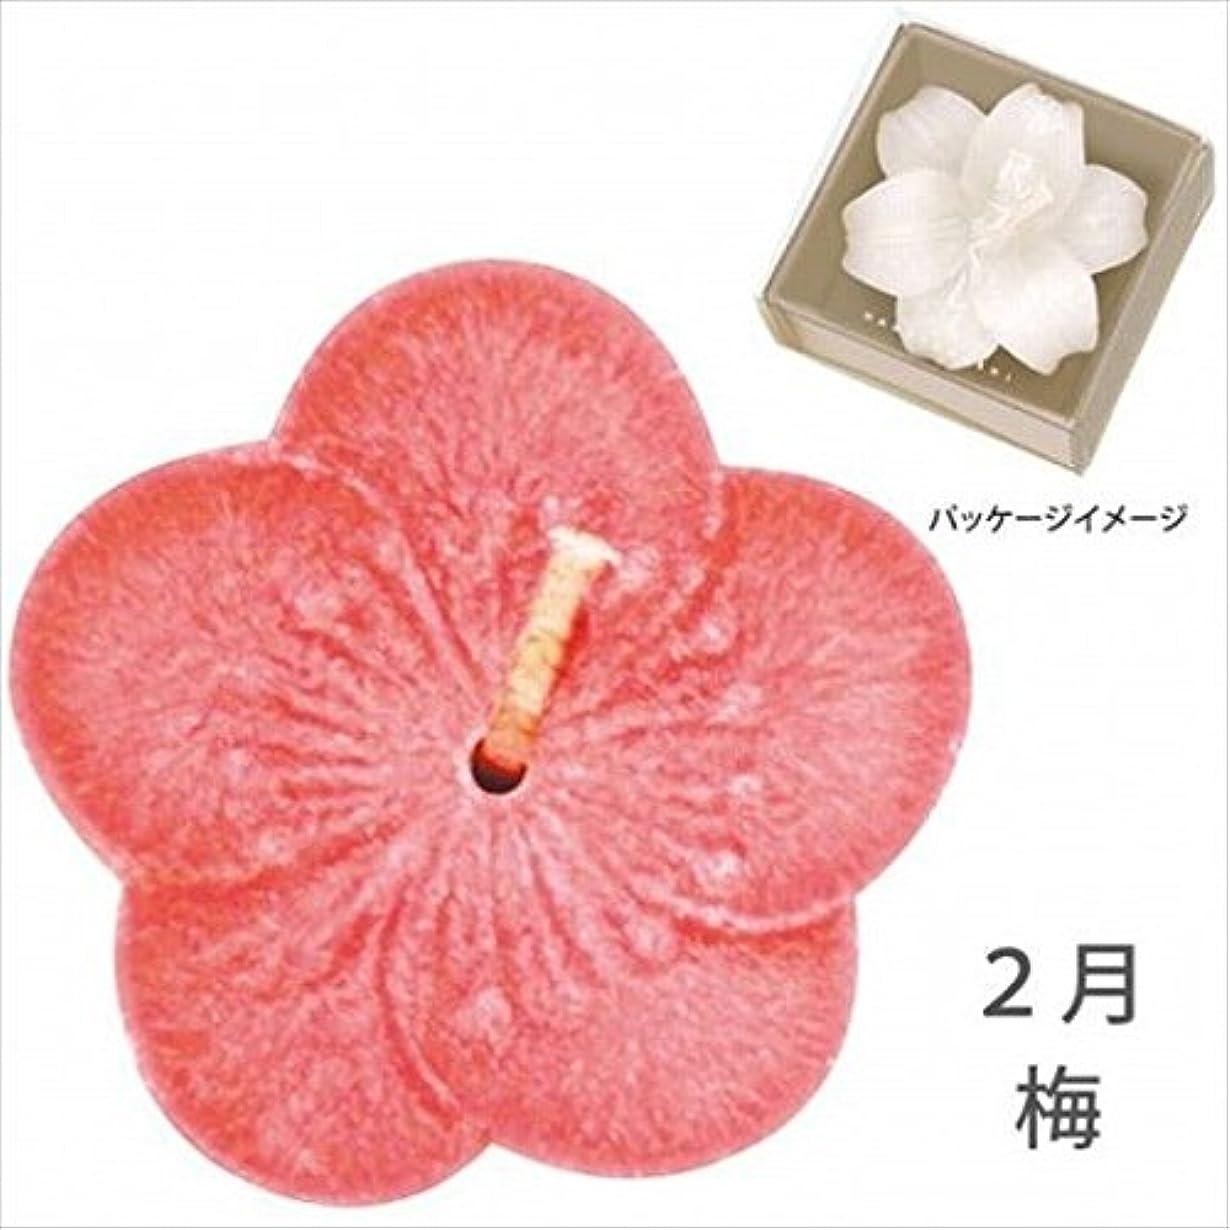 引き算怖がらせるパンチkameyama candle(カメヤマキャンドル) 花づくし(植物性) 梅 「 梅(2月) 」 キャンドル(A4620550)